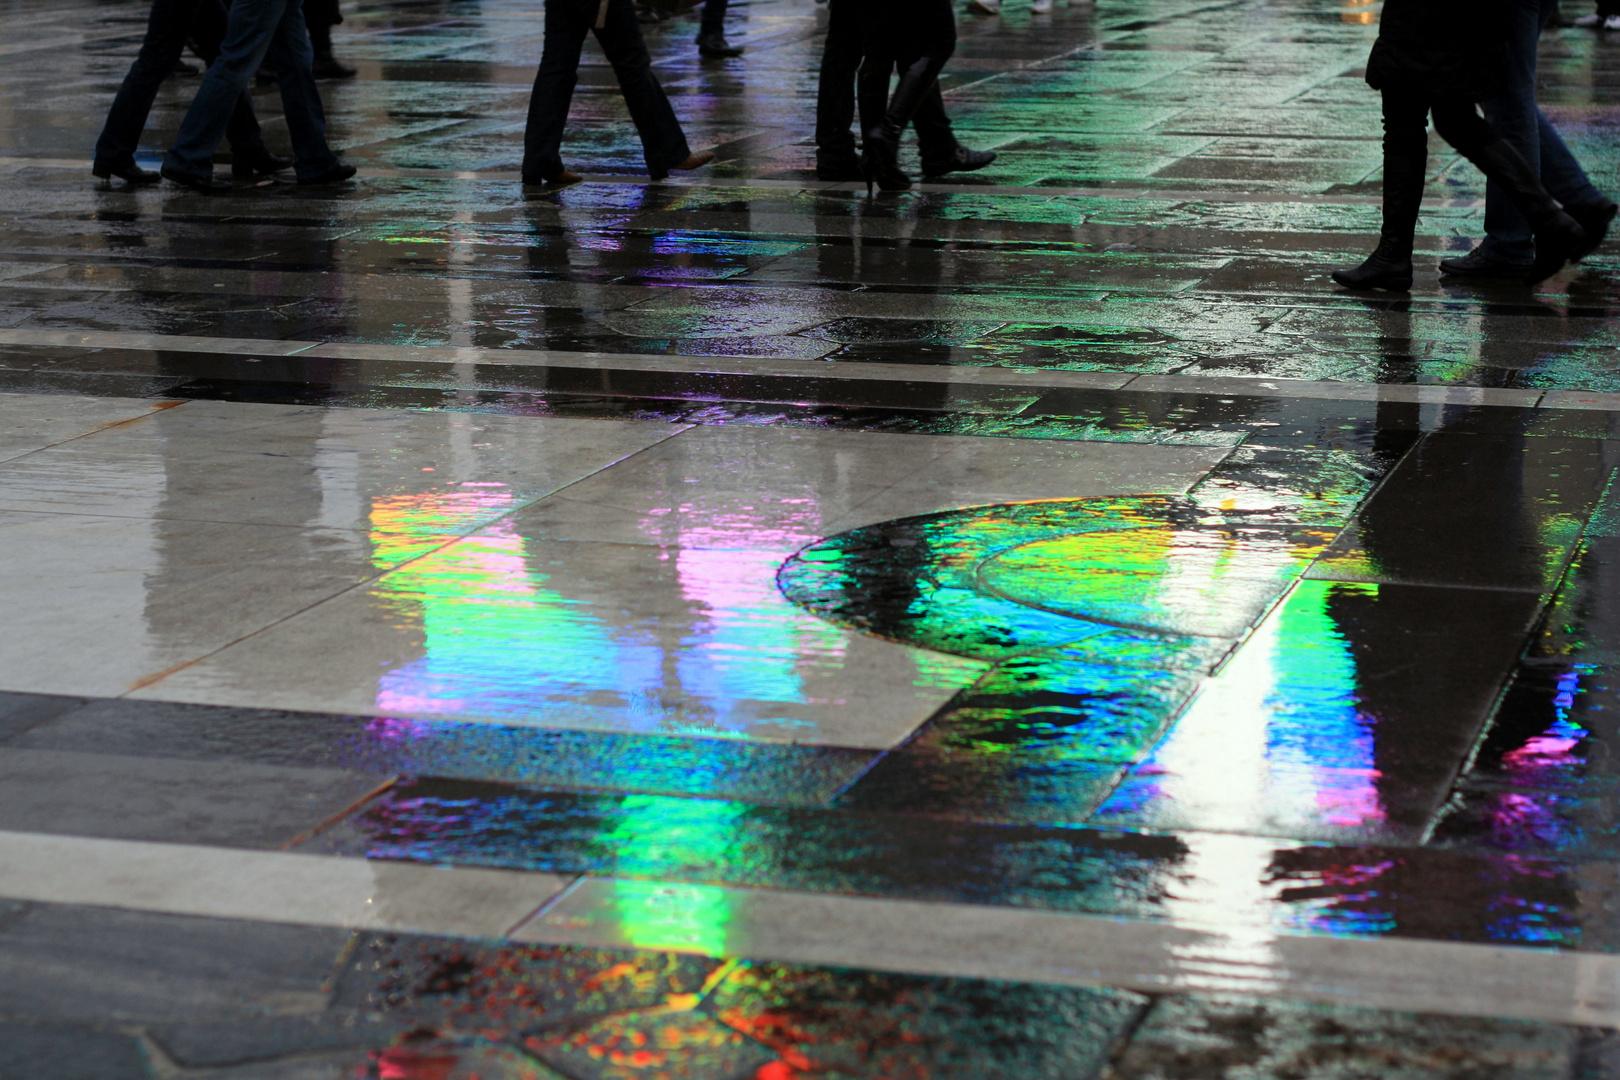 passegiata sui colori